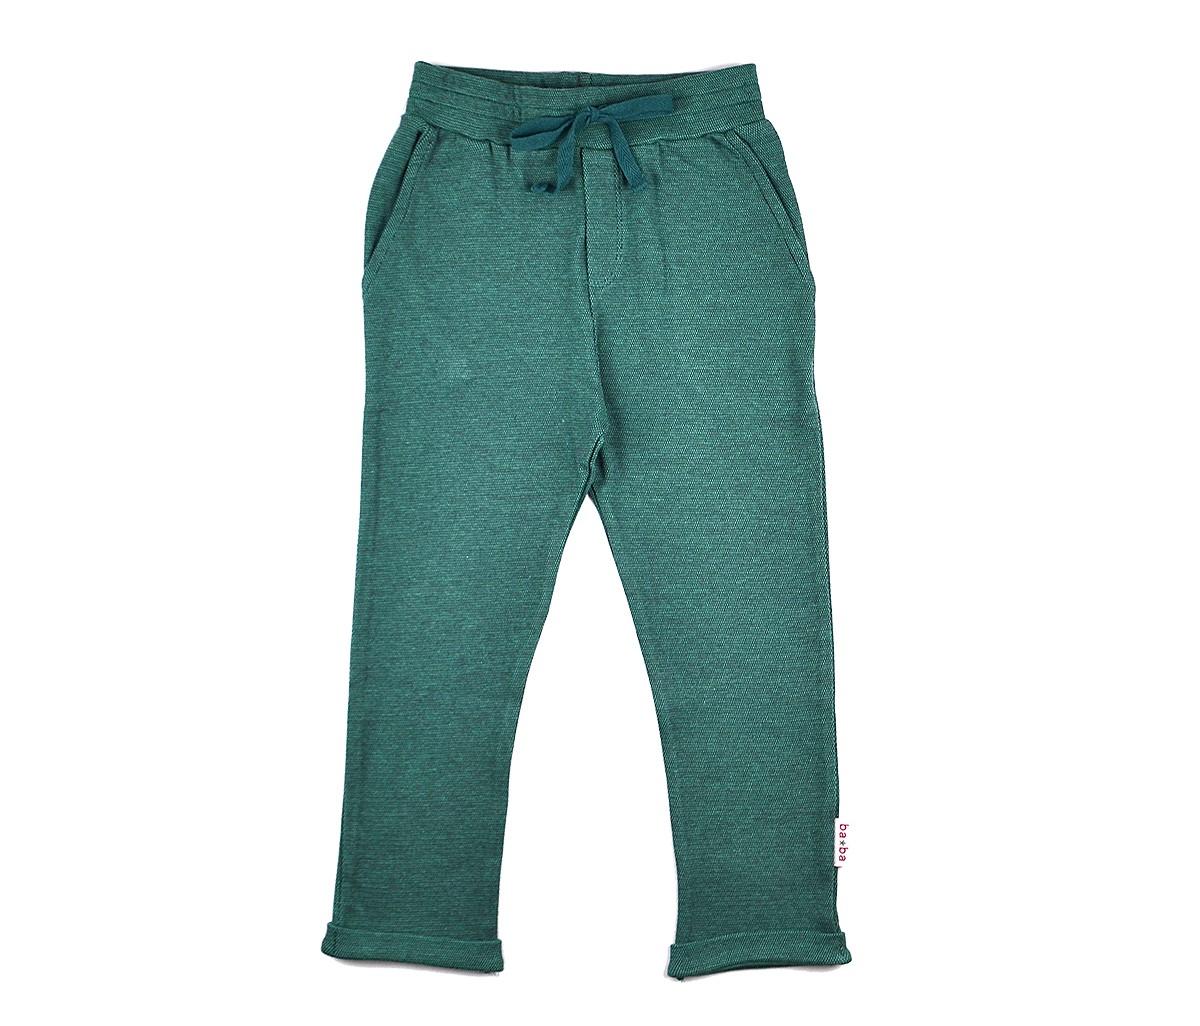 Chino pants green